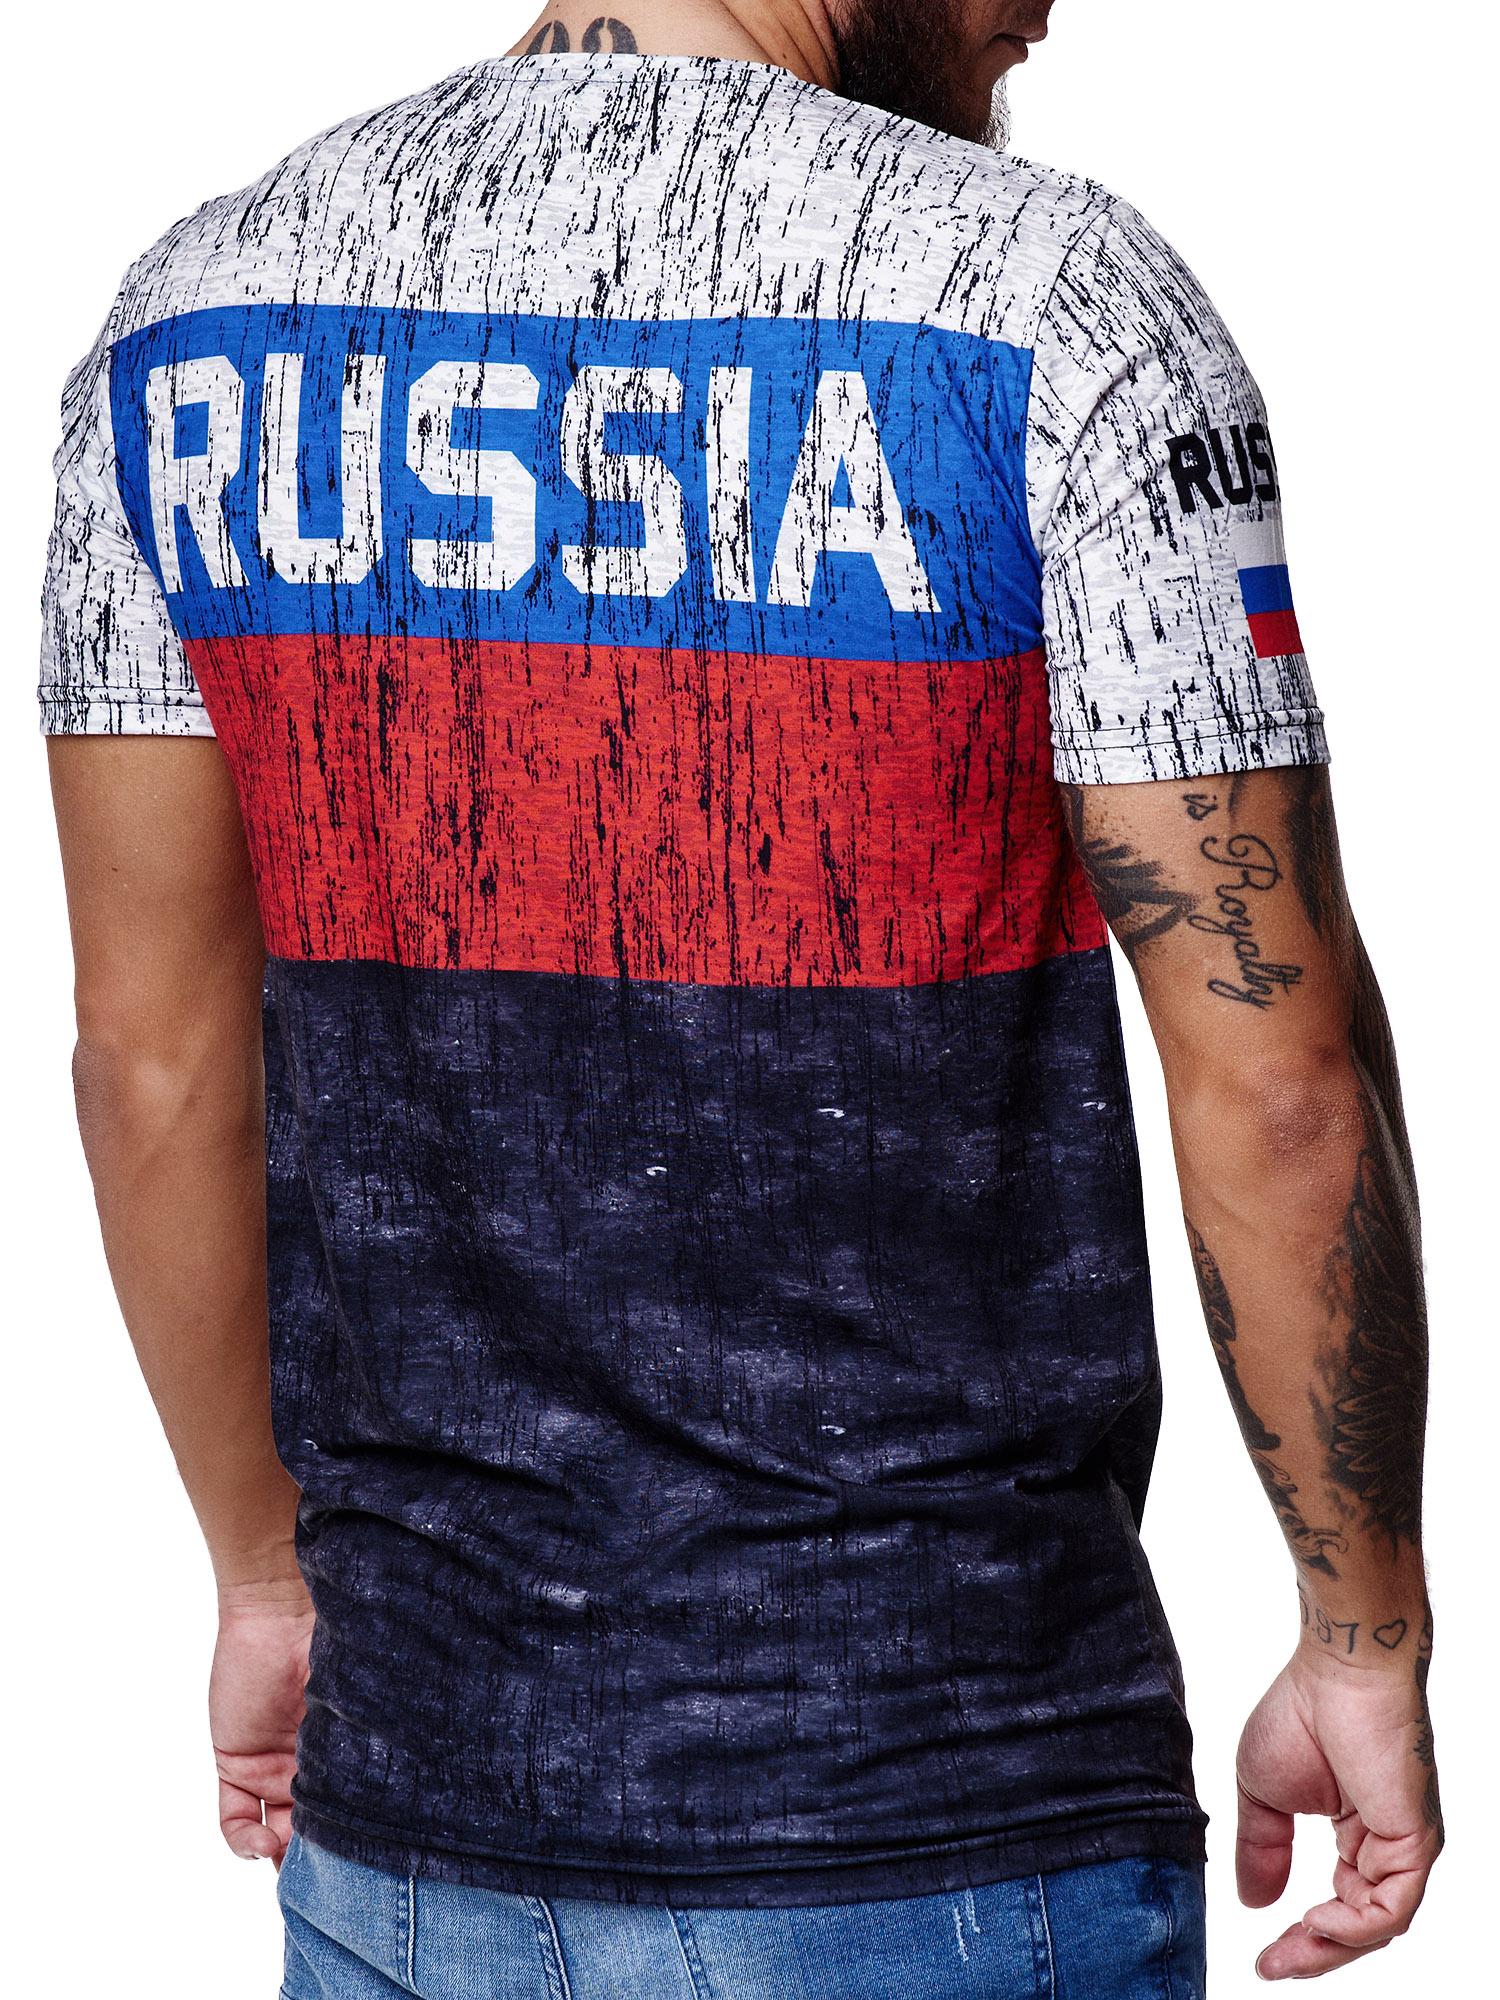 Paesi-da-Donna-T-shirt-A-Maniche-Corte-Girocollo-donne-CALCIO-Fanshirt-John-Kayna miniatura 100